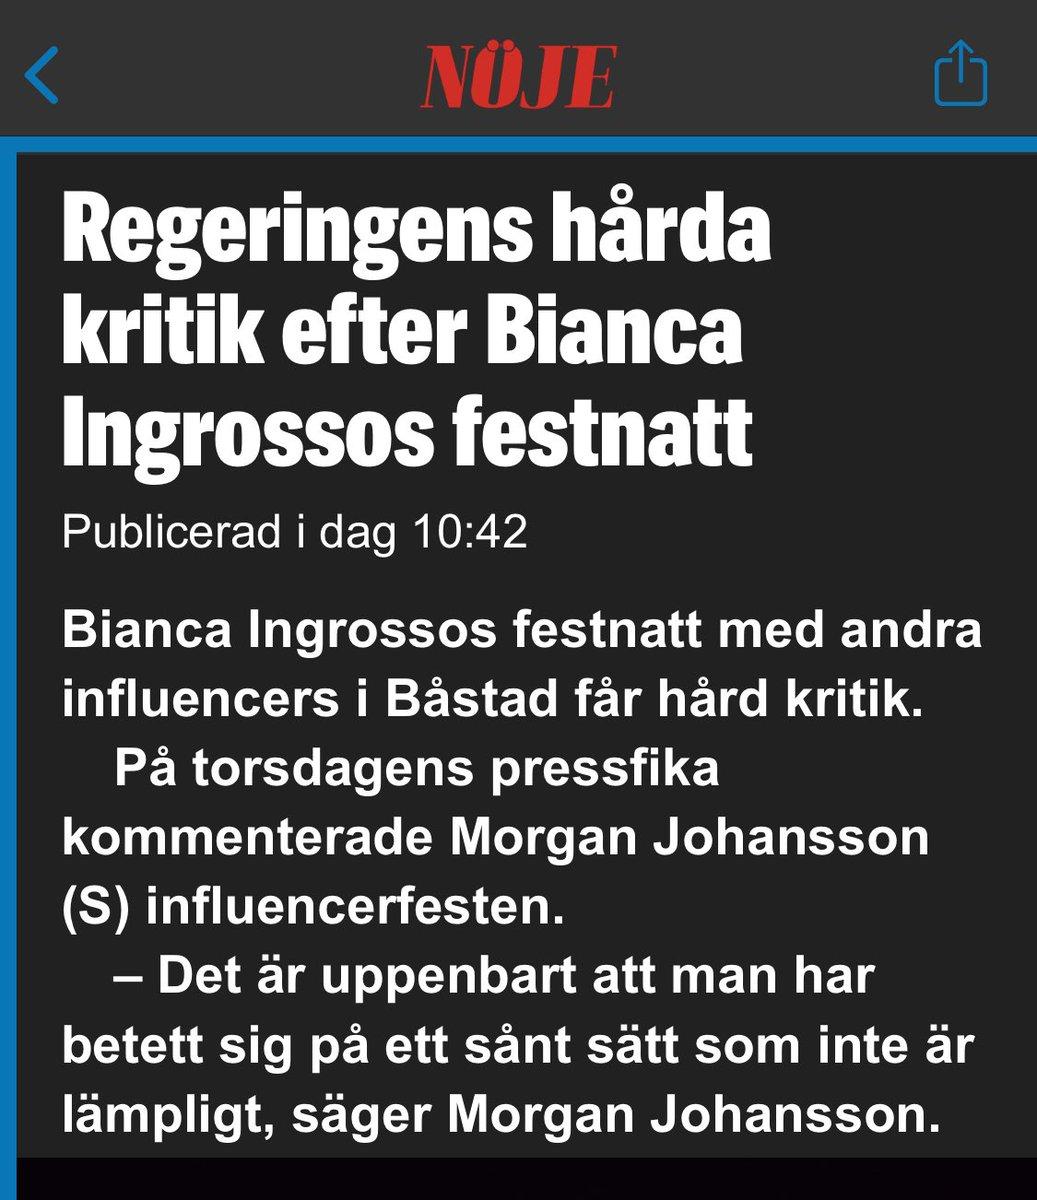 Morgan Johansson har dock avböjt debatt med Bianca Ingrosso, eftersom han inte var bjuden på festen. https://t.co/omdAx5sg8d